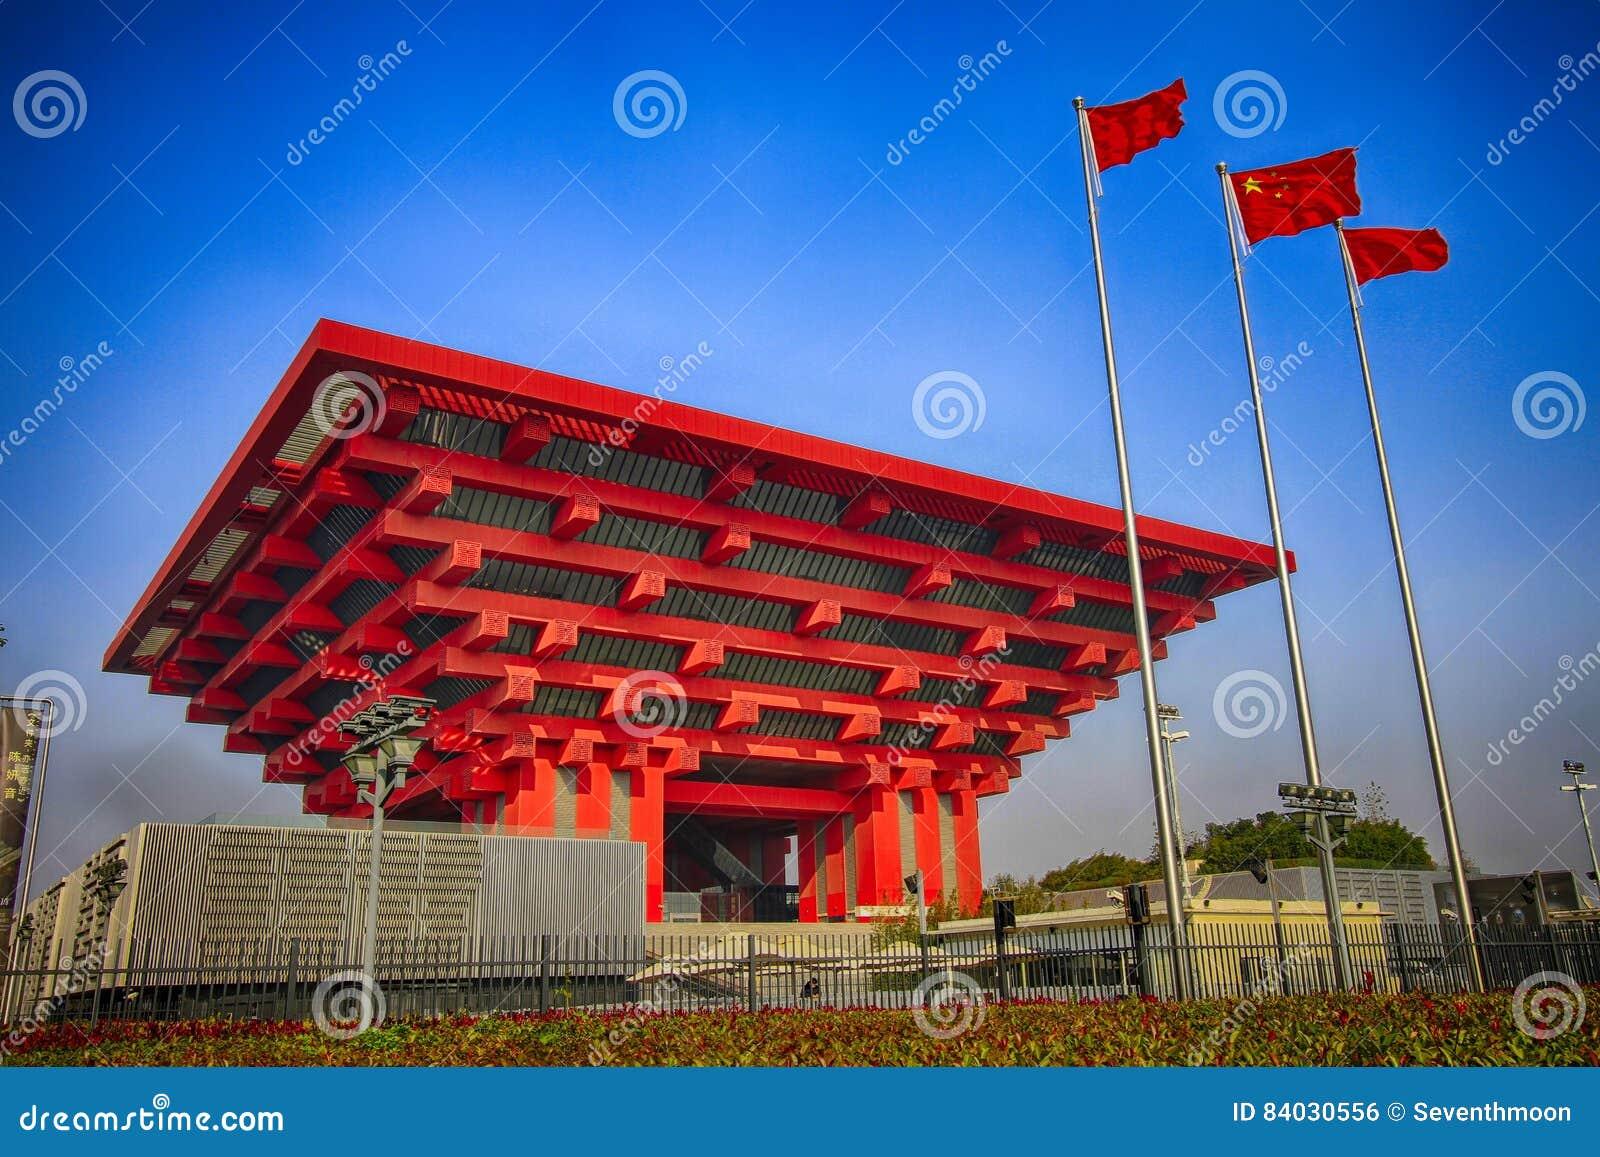 China Art Museum in Shanghai, China